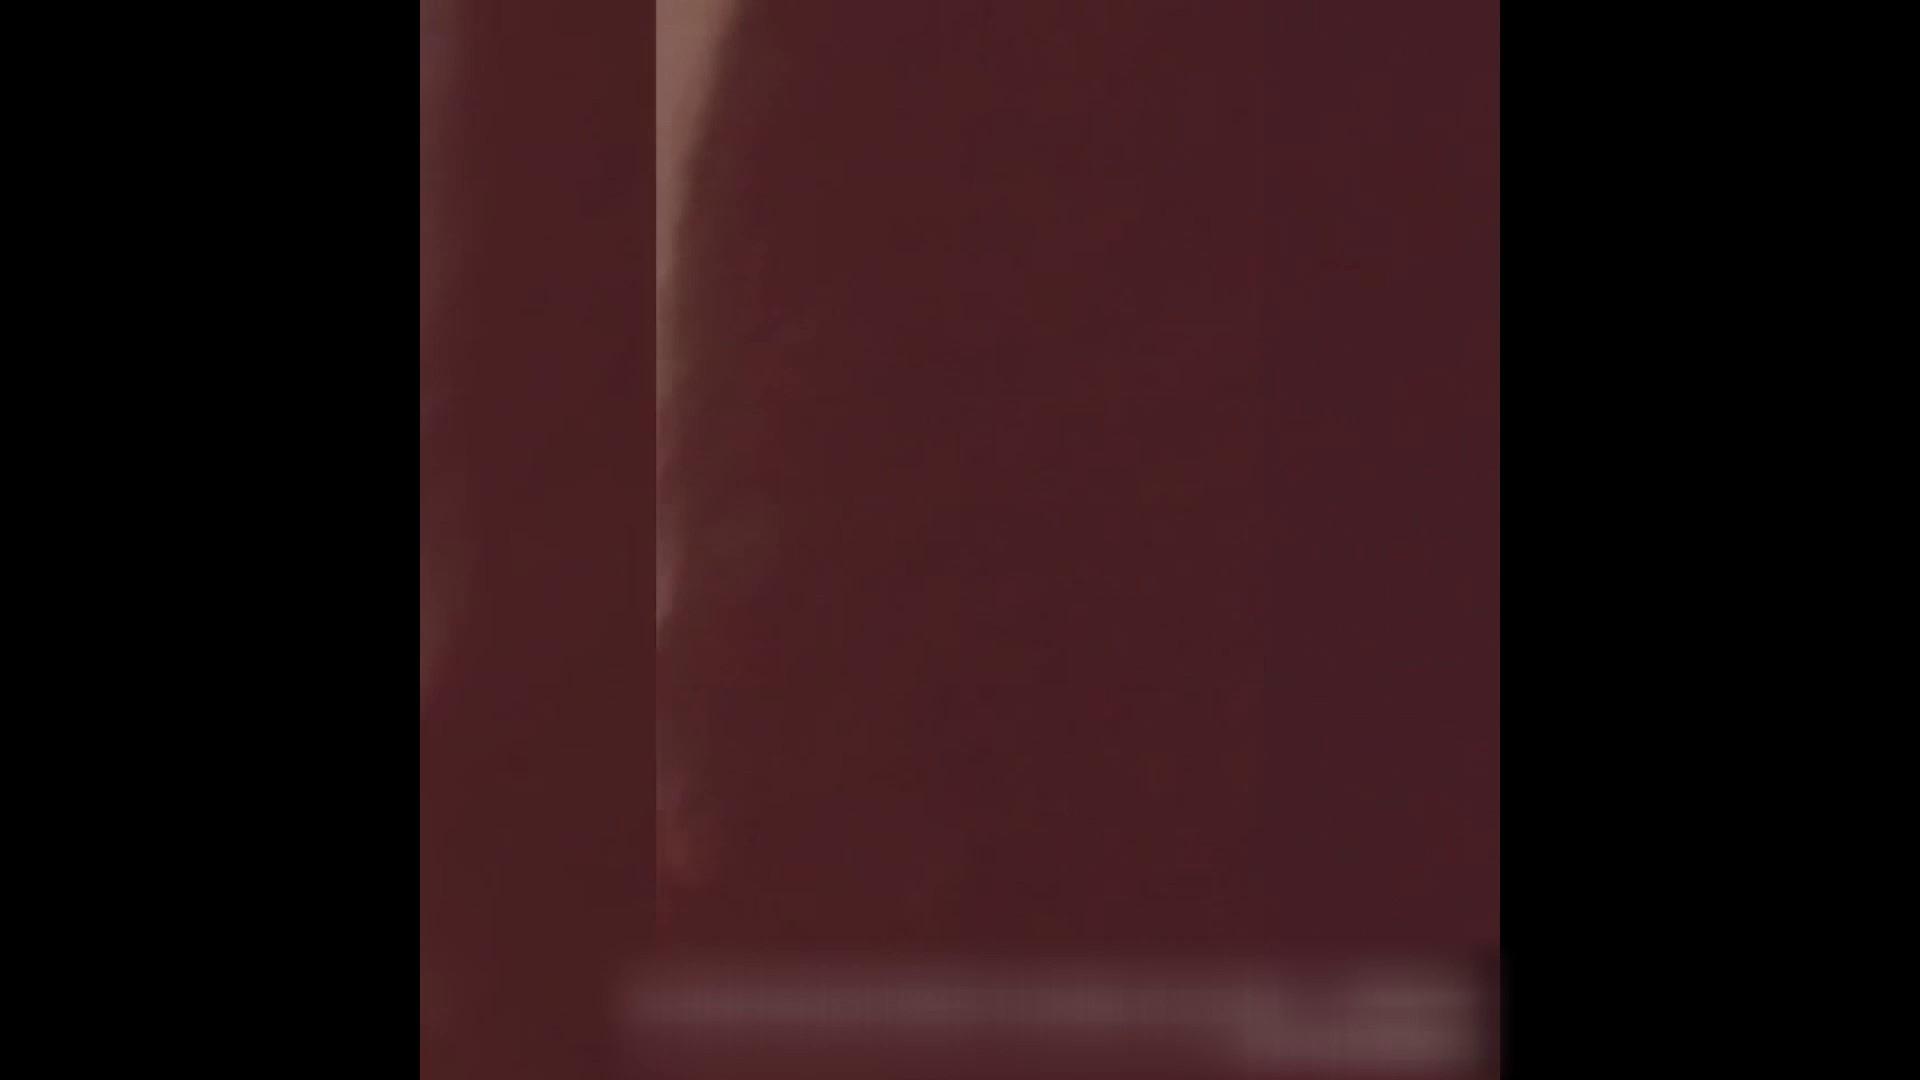 エロいフェラシーンをピックアップvol44 男祭り | フェラ天国  79枚 28